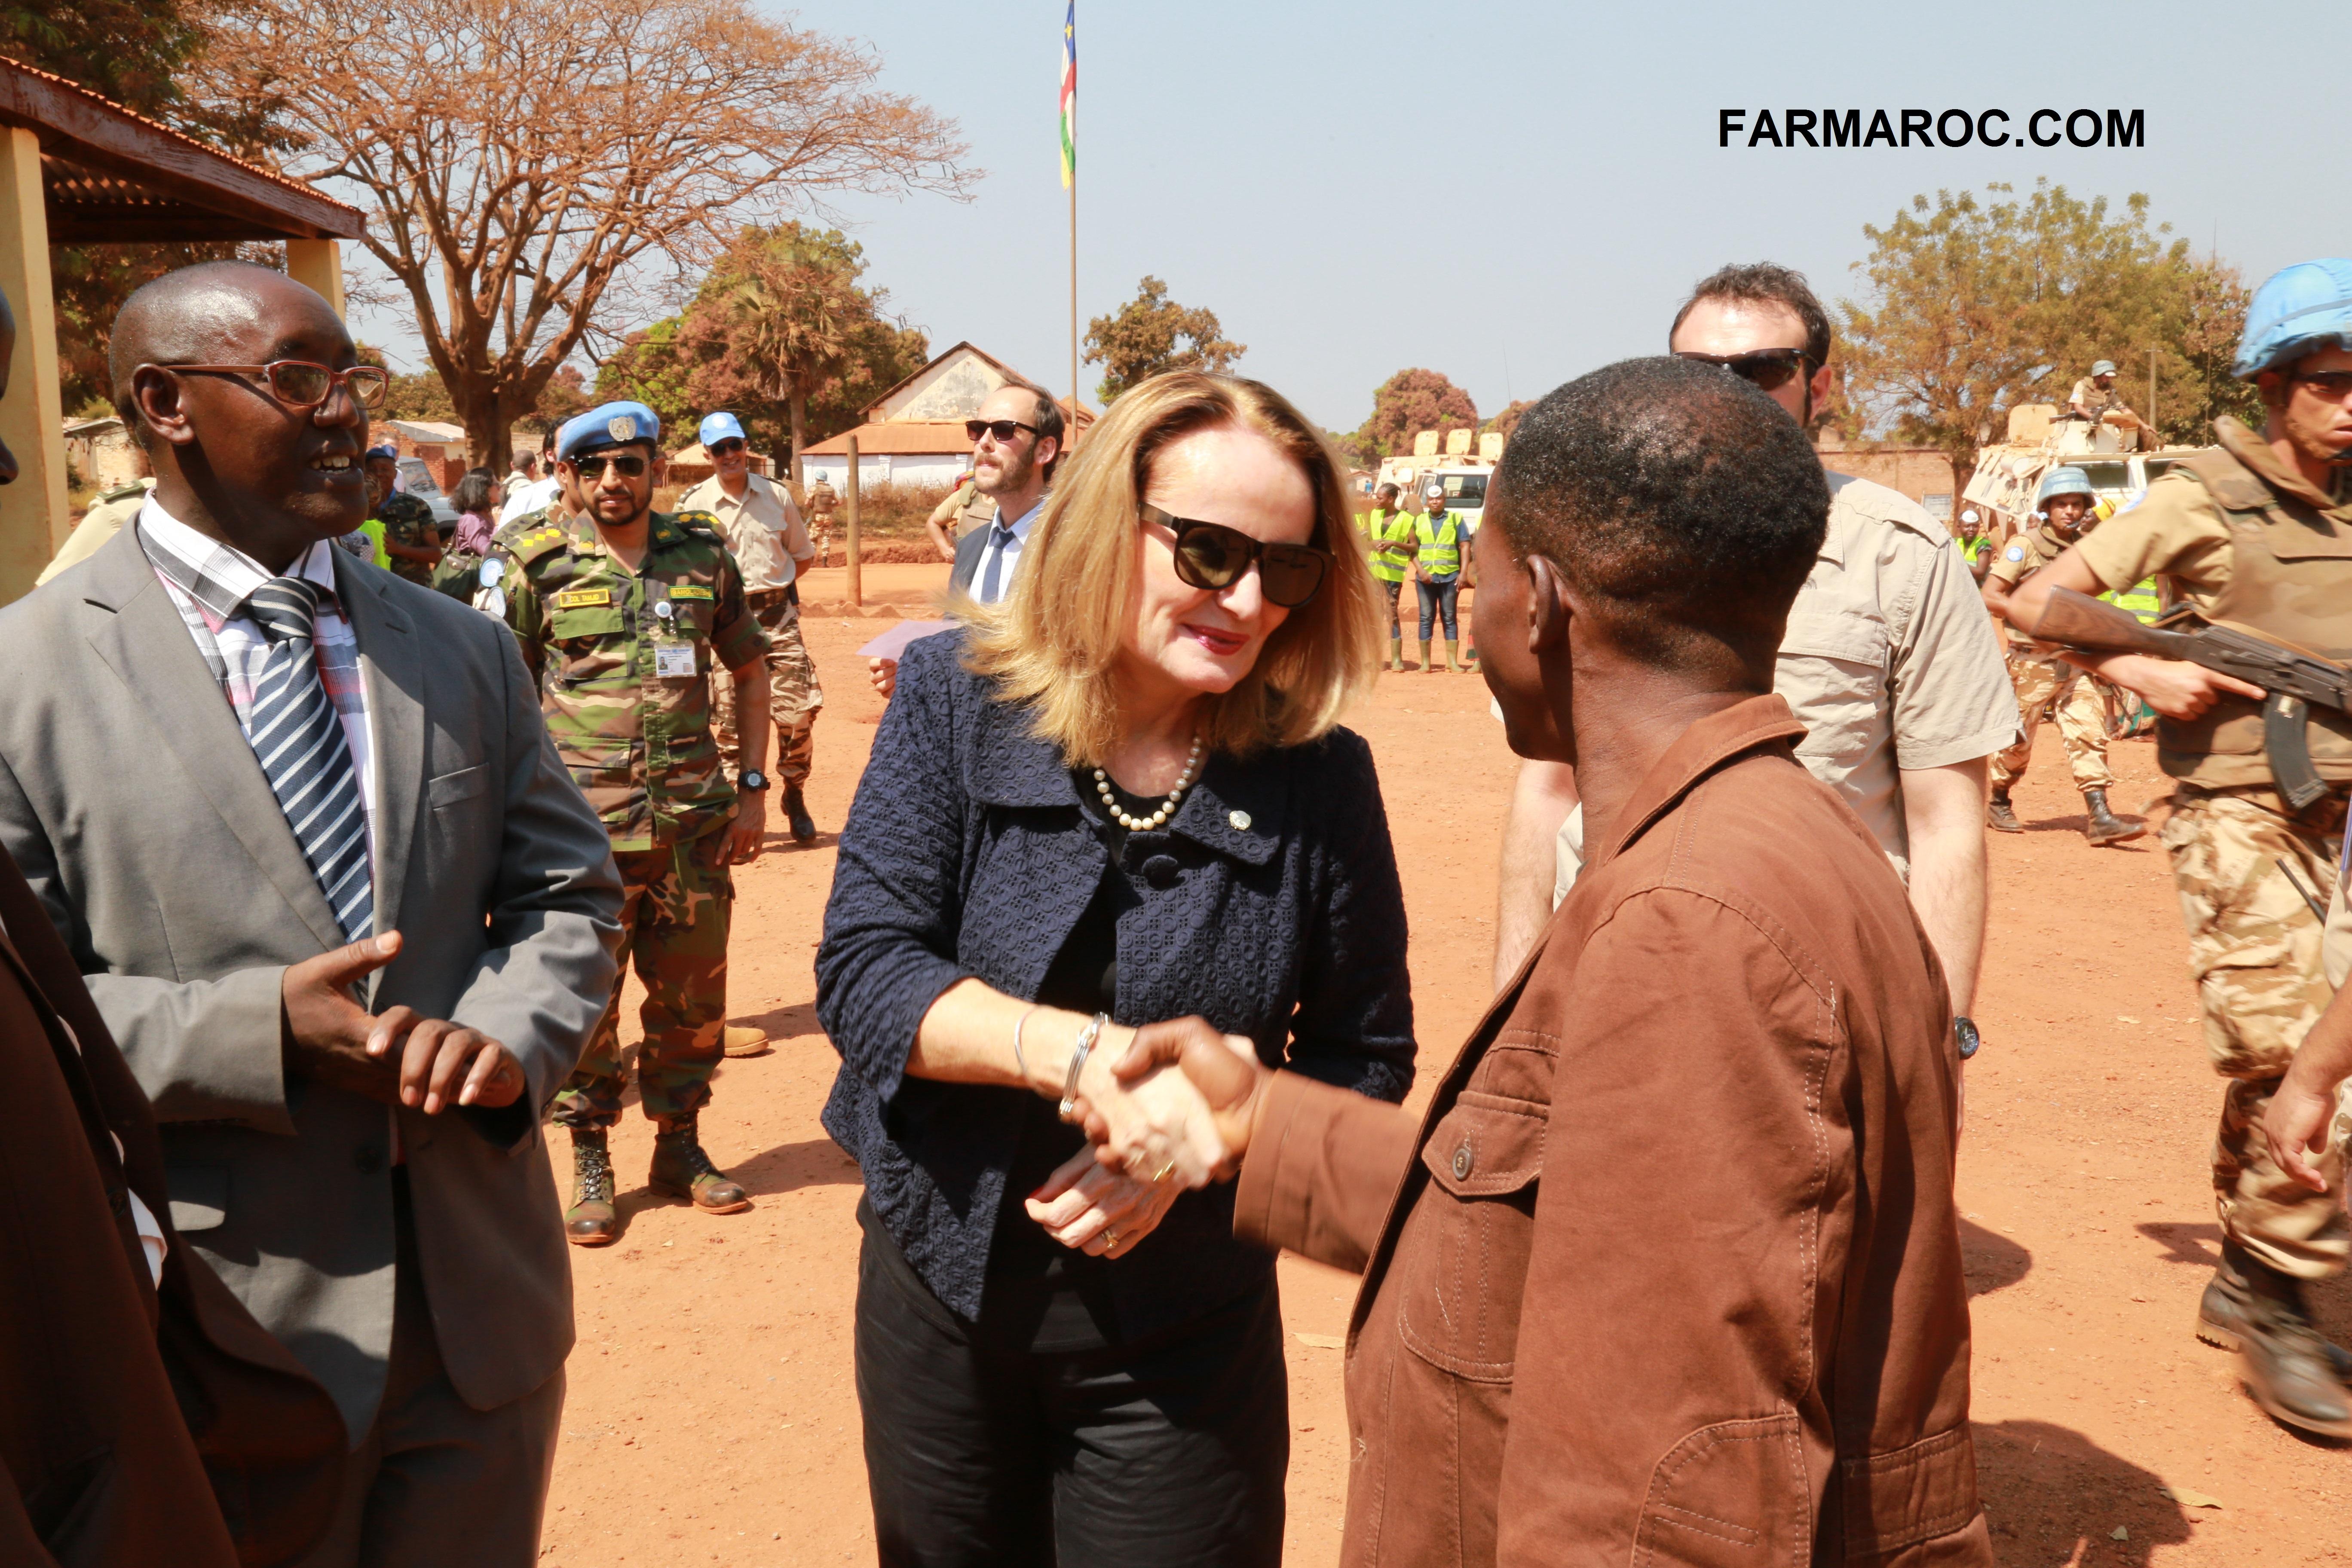 Maintien de la paix dans le monde - Les FAR en République Centrafricaine - RCA (MINUSCA) - Page 3 355640240420927368b6c566684o